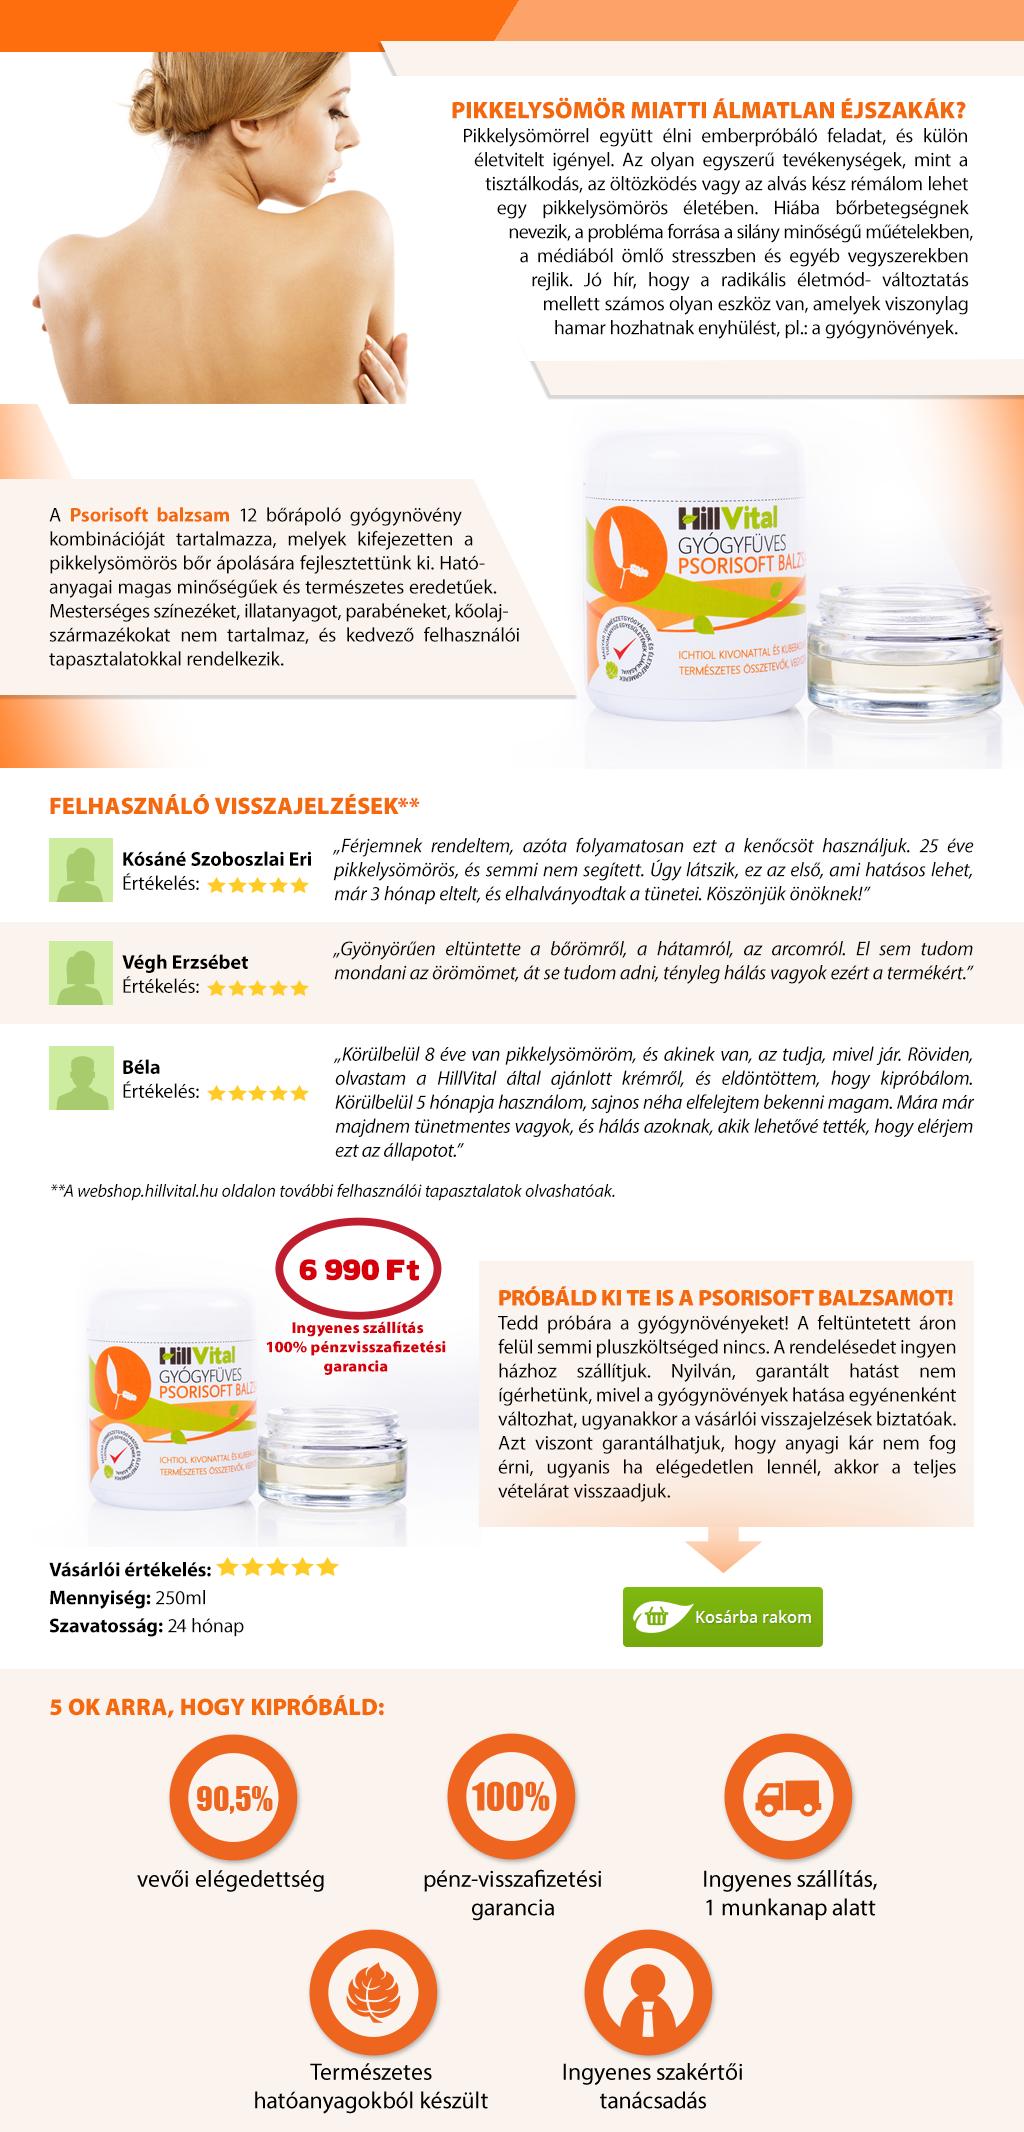 szeborreás dermatitis vagy szeborreás pikkelysömör kezelése